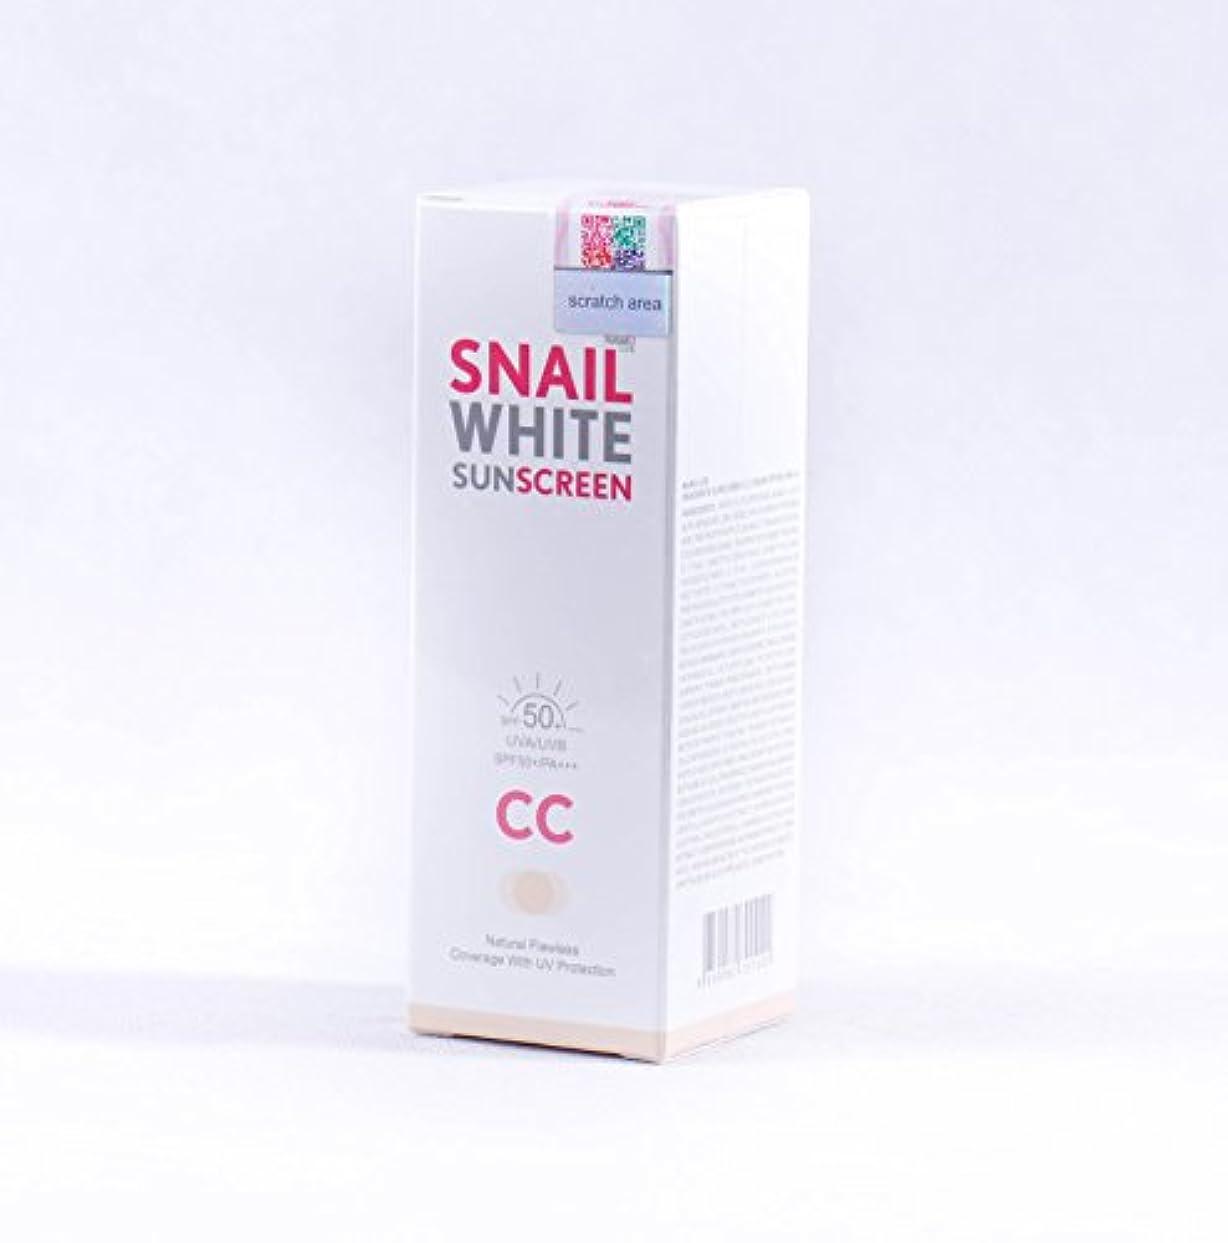 欠かせない架空の周波数ナムライフスパイシャンサンクスクリームSPF50 + / PA +++ 50 ml ホワイトニング NAMU LIFE SNAILWHITE SUNSCREEN CC CREAM SPF50 + / PA +++ 50 ml